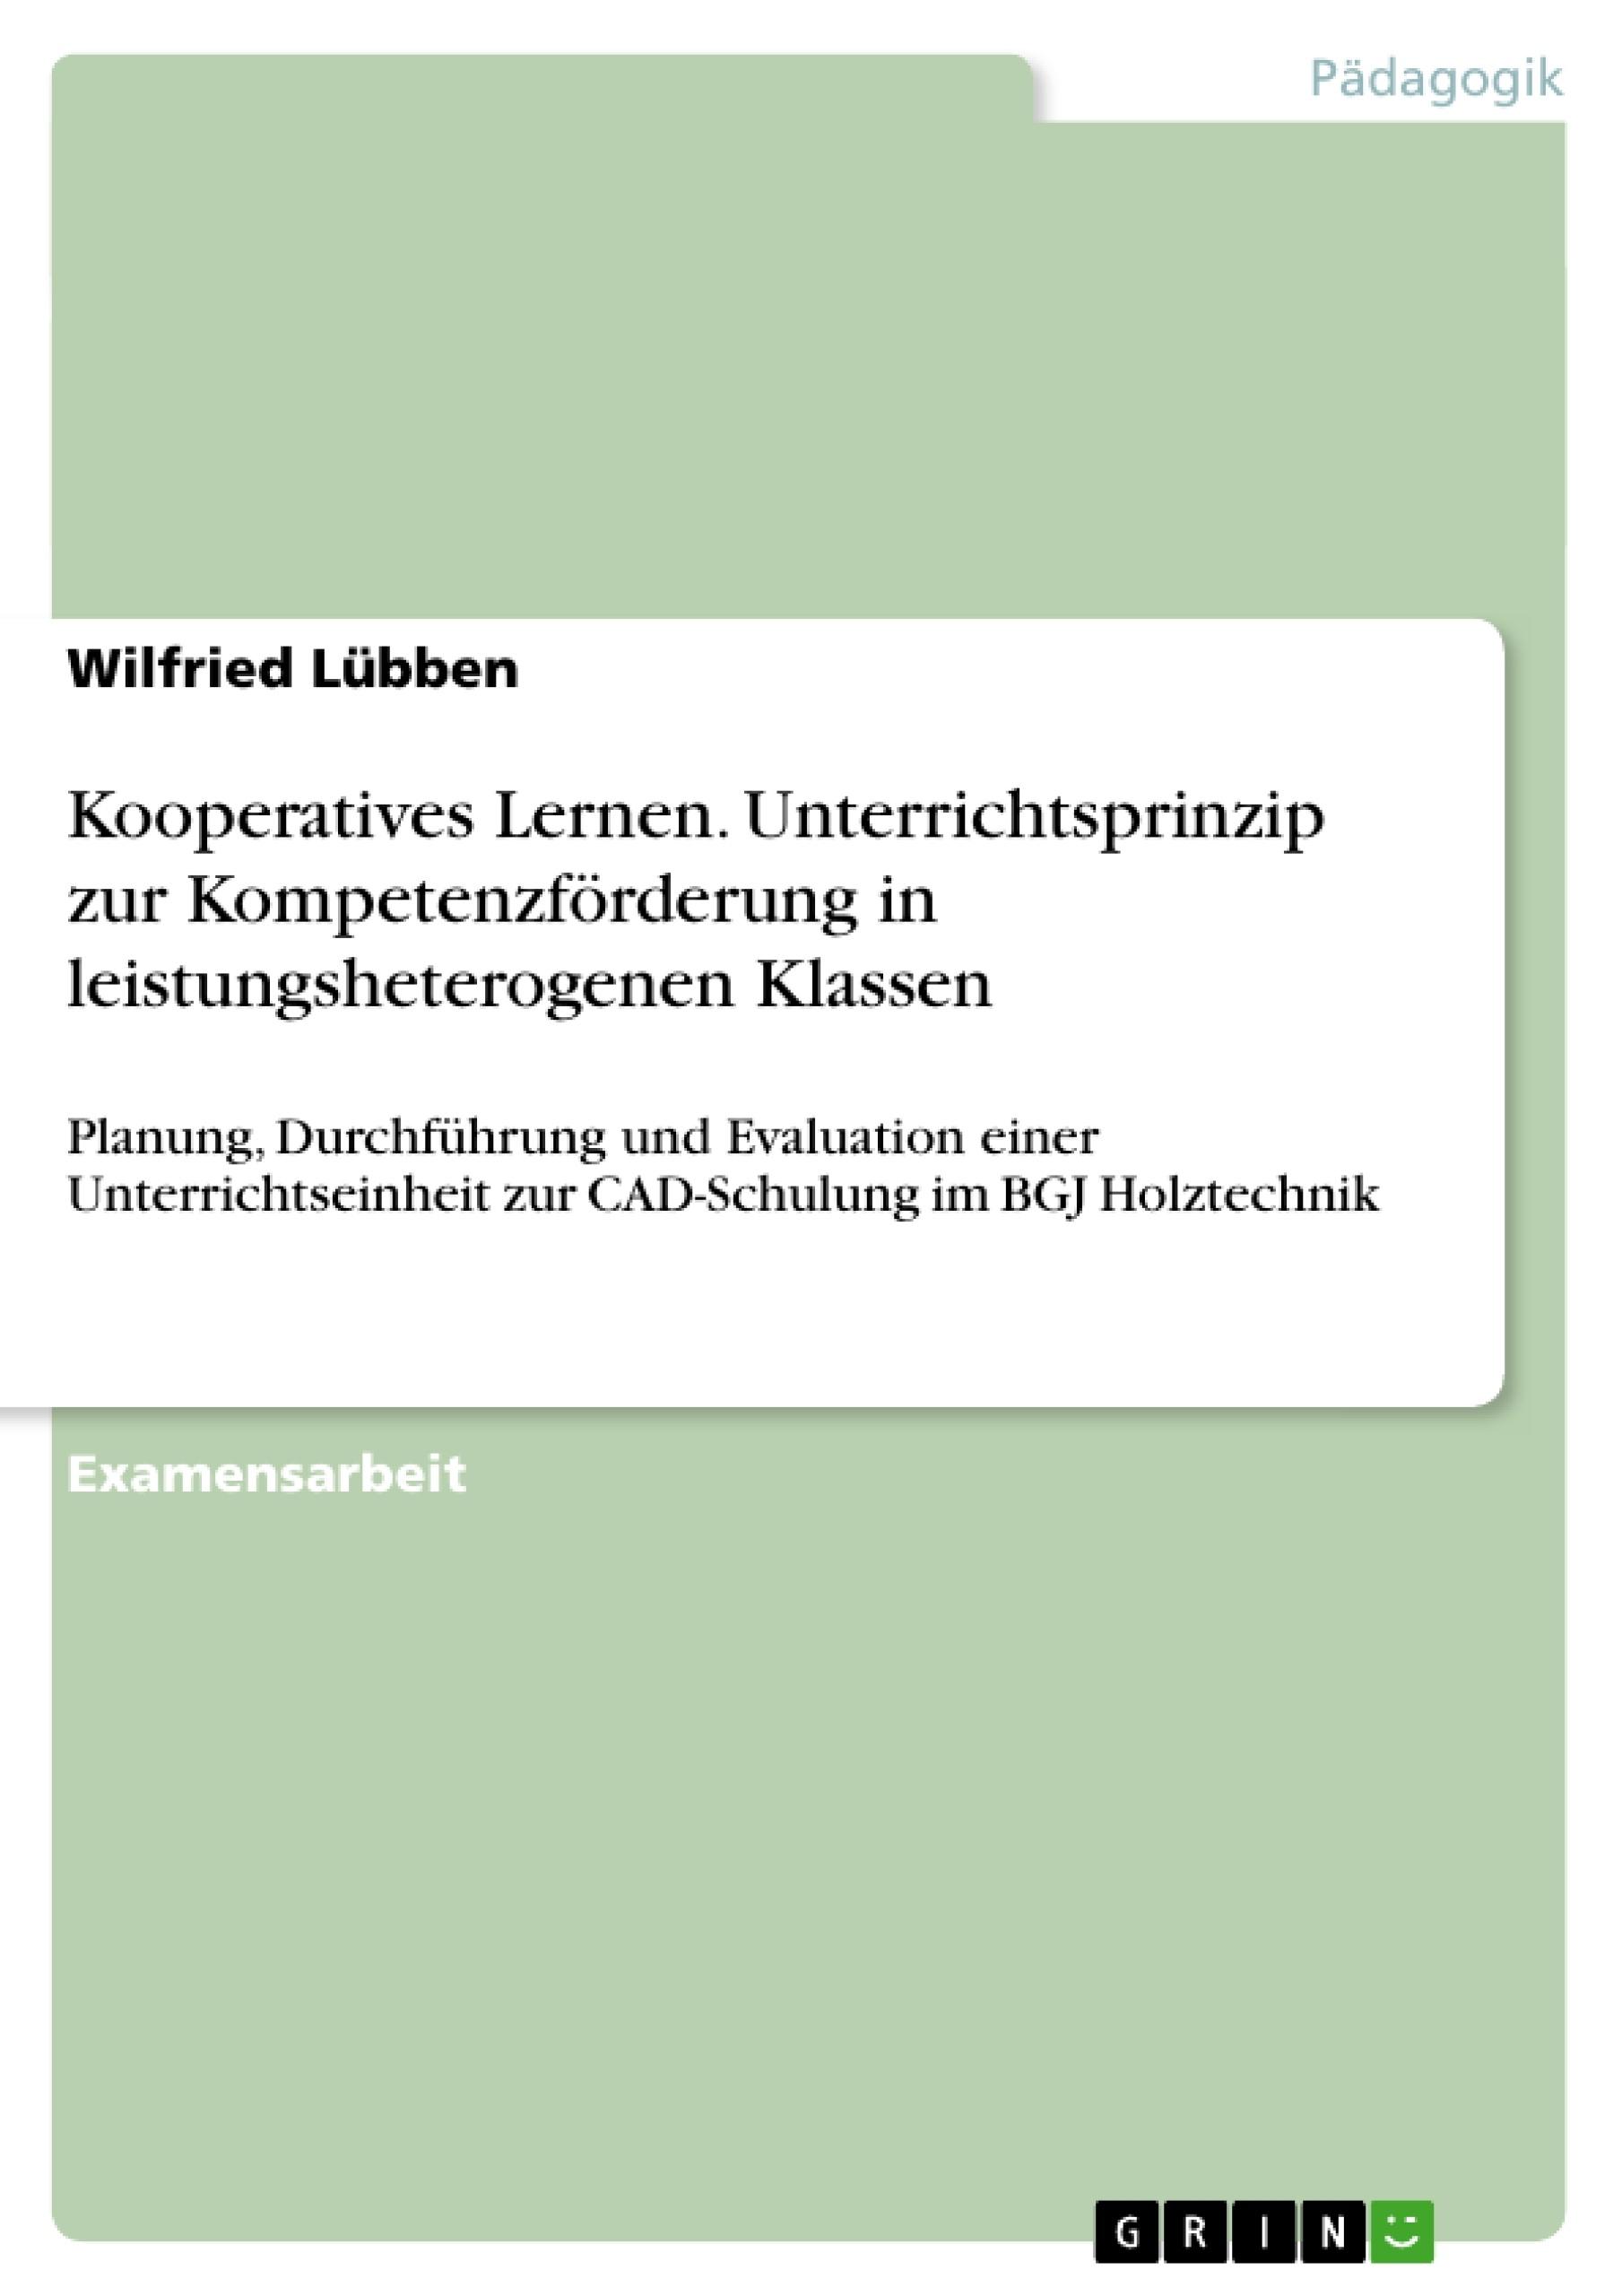 Titel: Kooperatives Lernen. Unterrichtsprinzip zur Kompetenzförderung in leistungsheterogenen Klassen